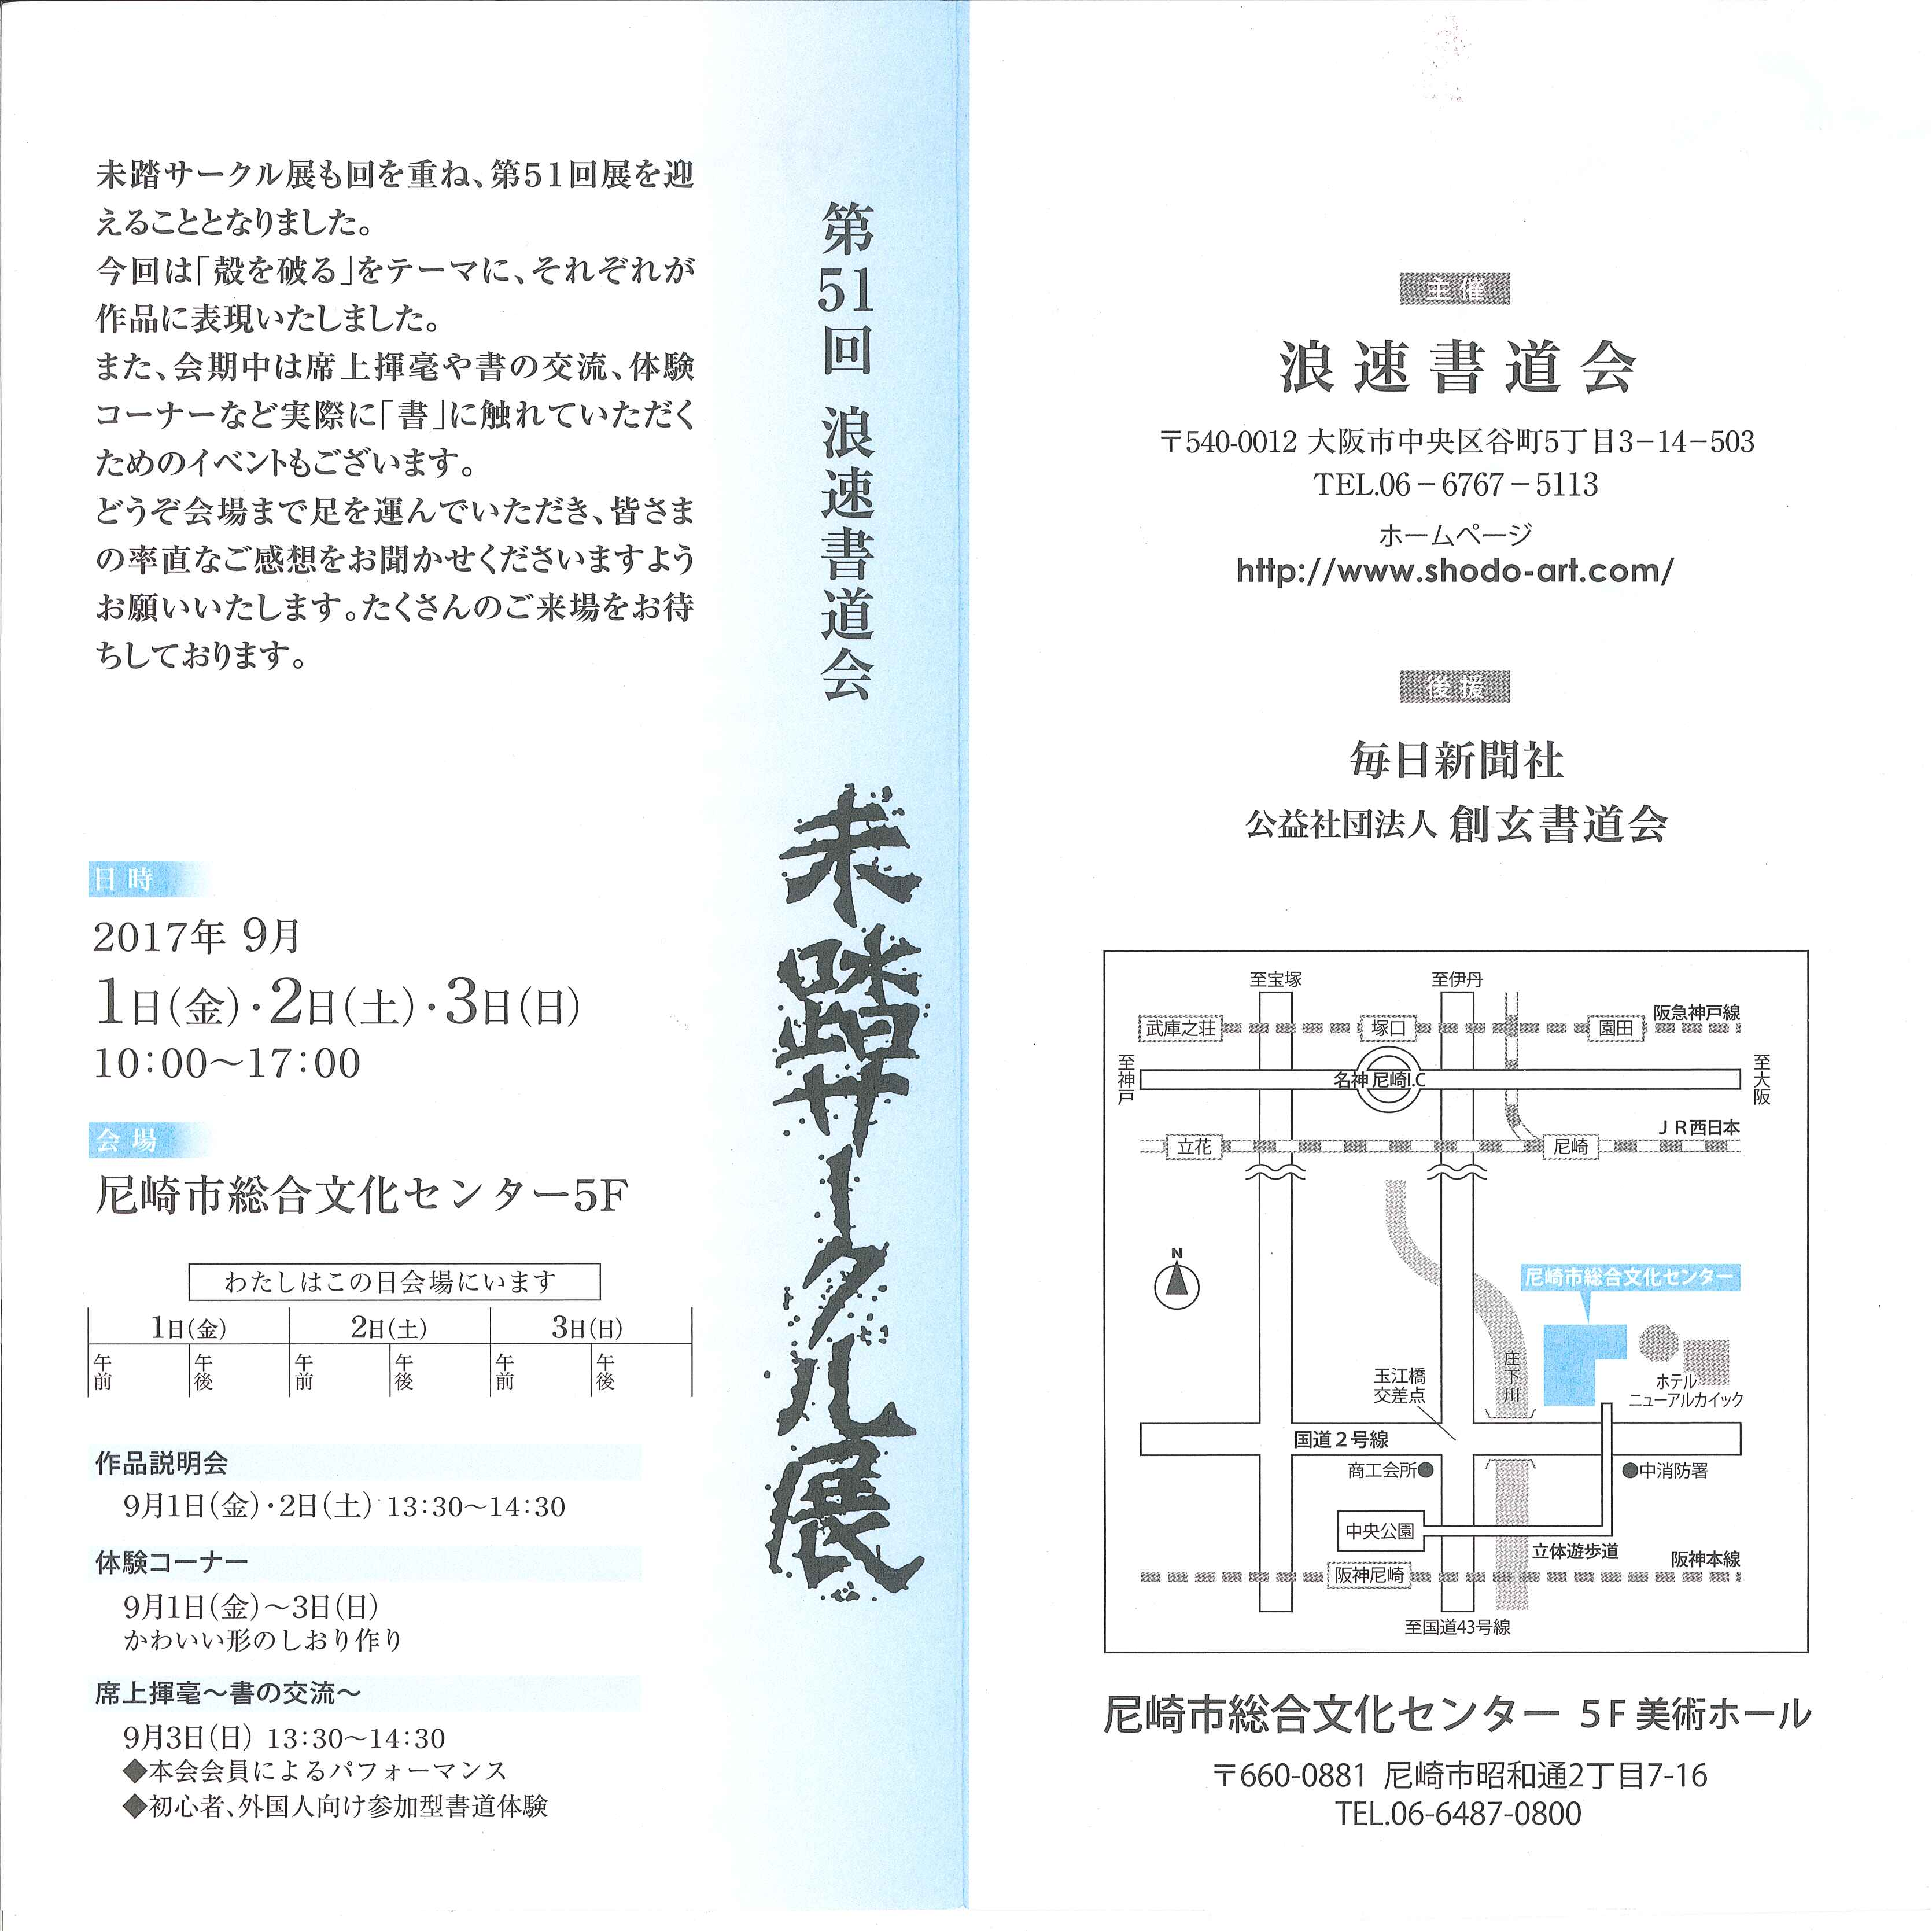 http://www.sogen.or.jp/letter/2017/08/04/20170803110657450_0001.jpg